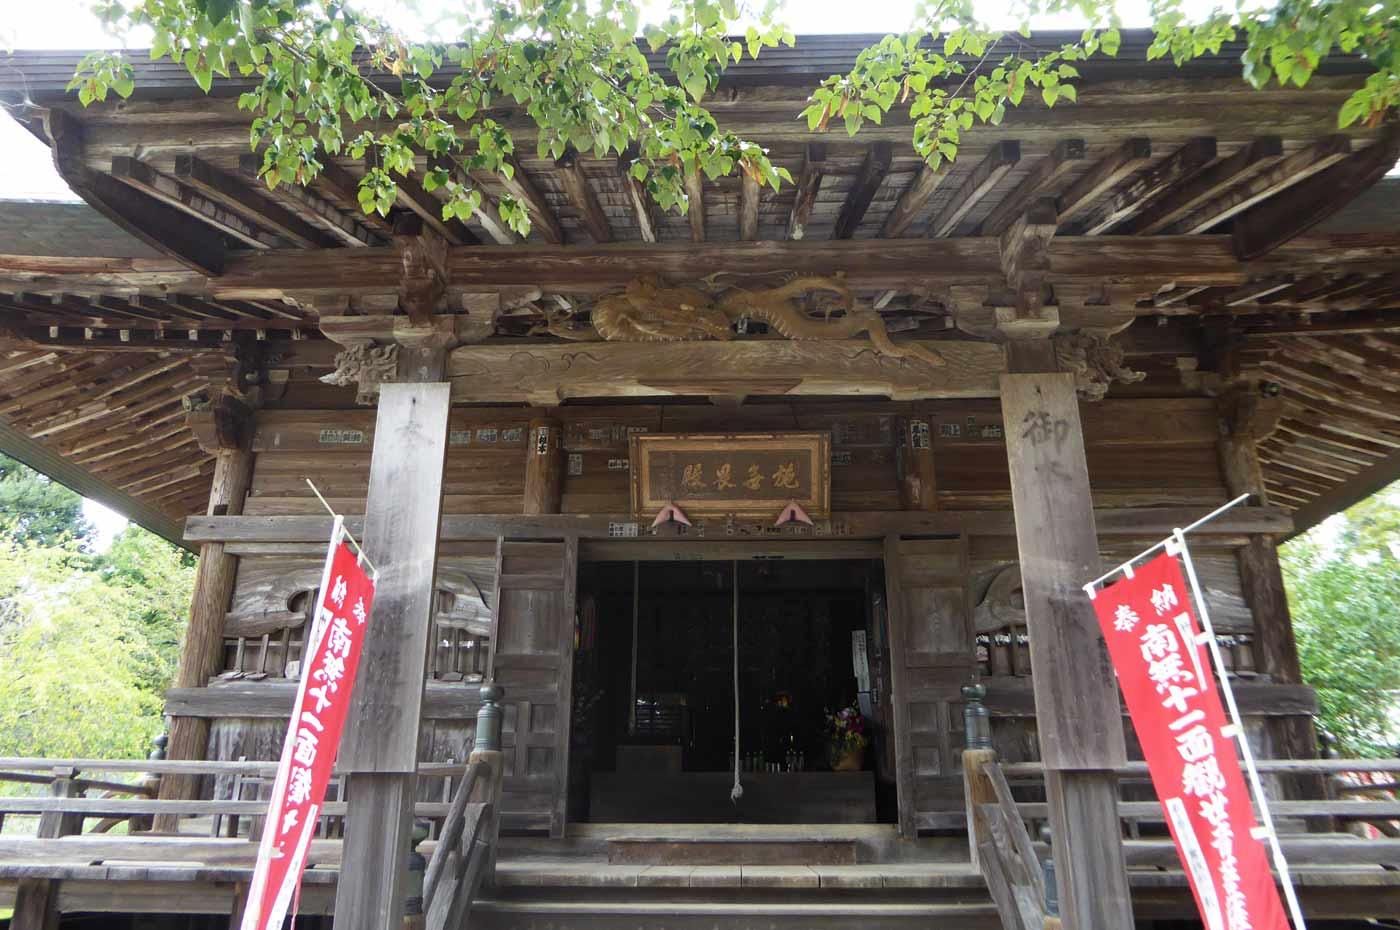 石堂寺本堂(国指定重要文化財)の画像